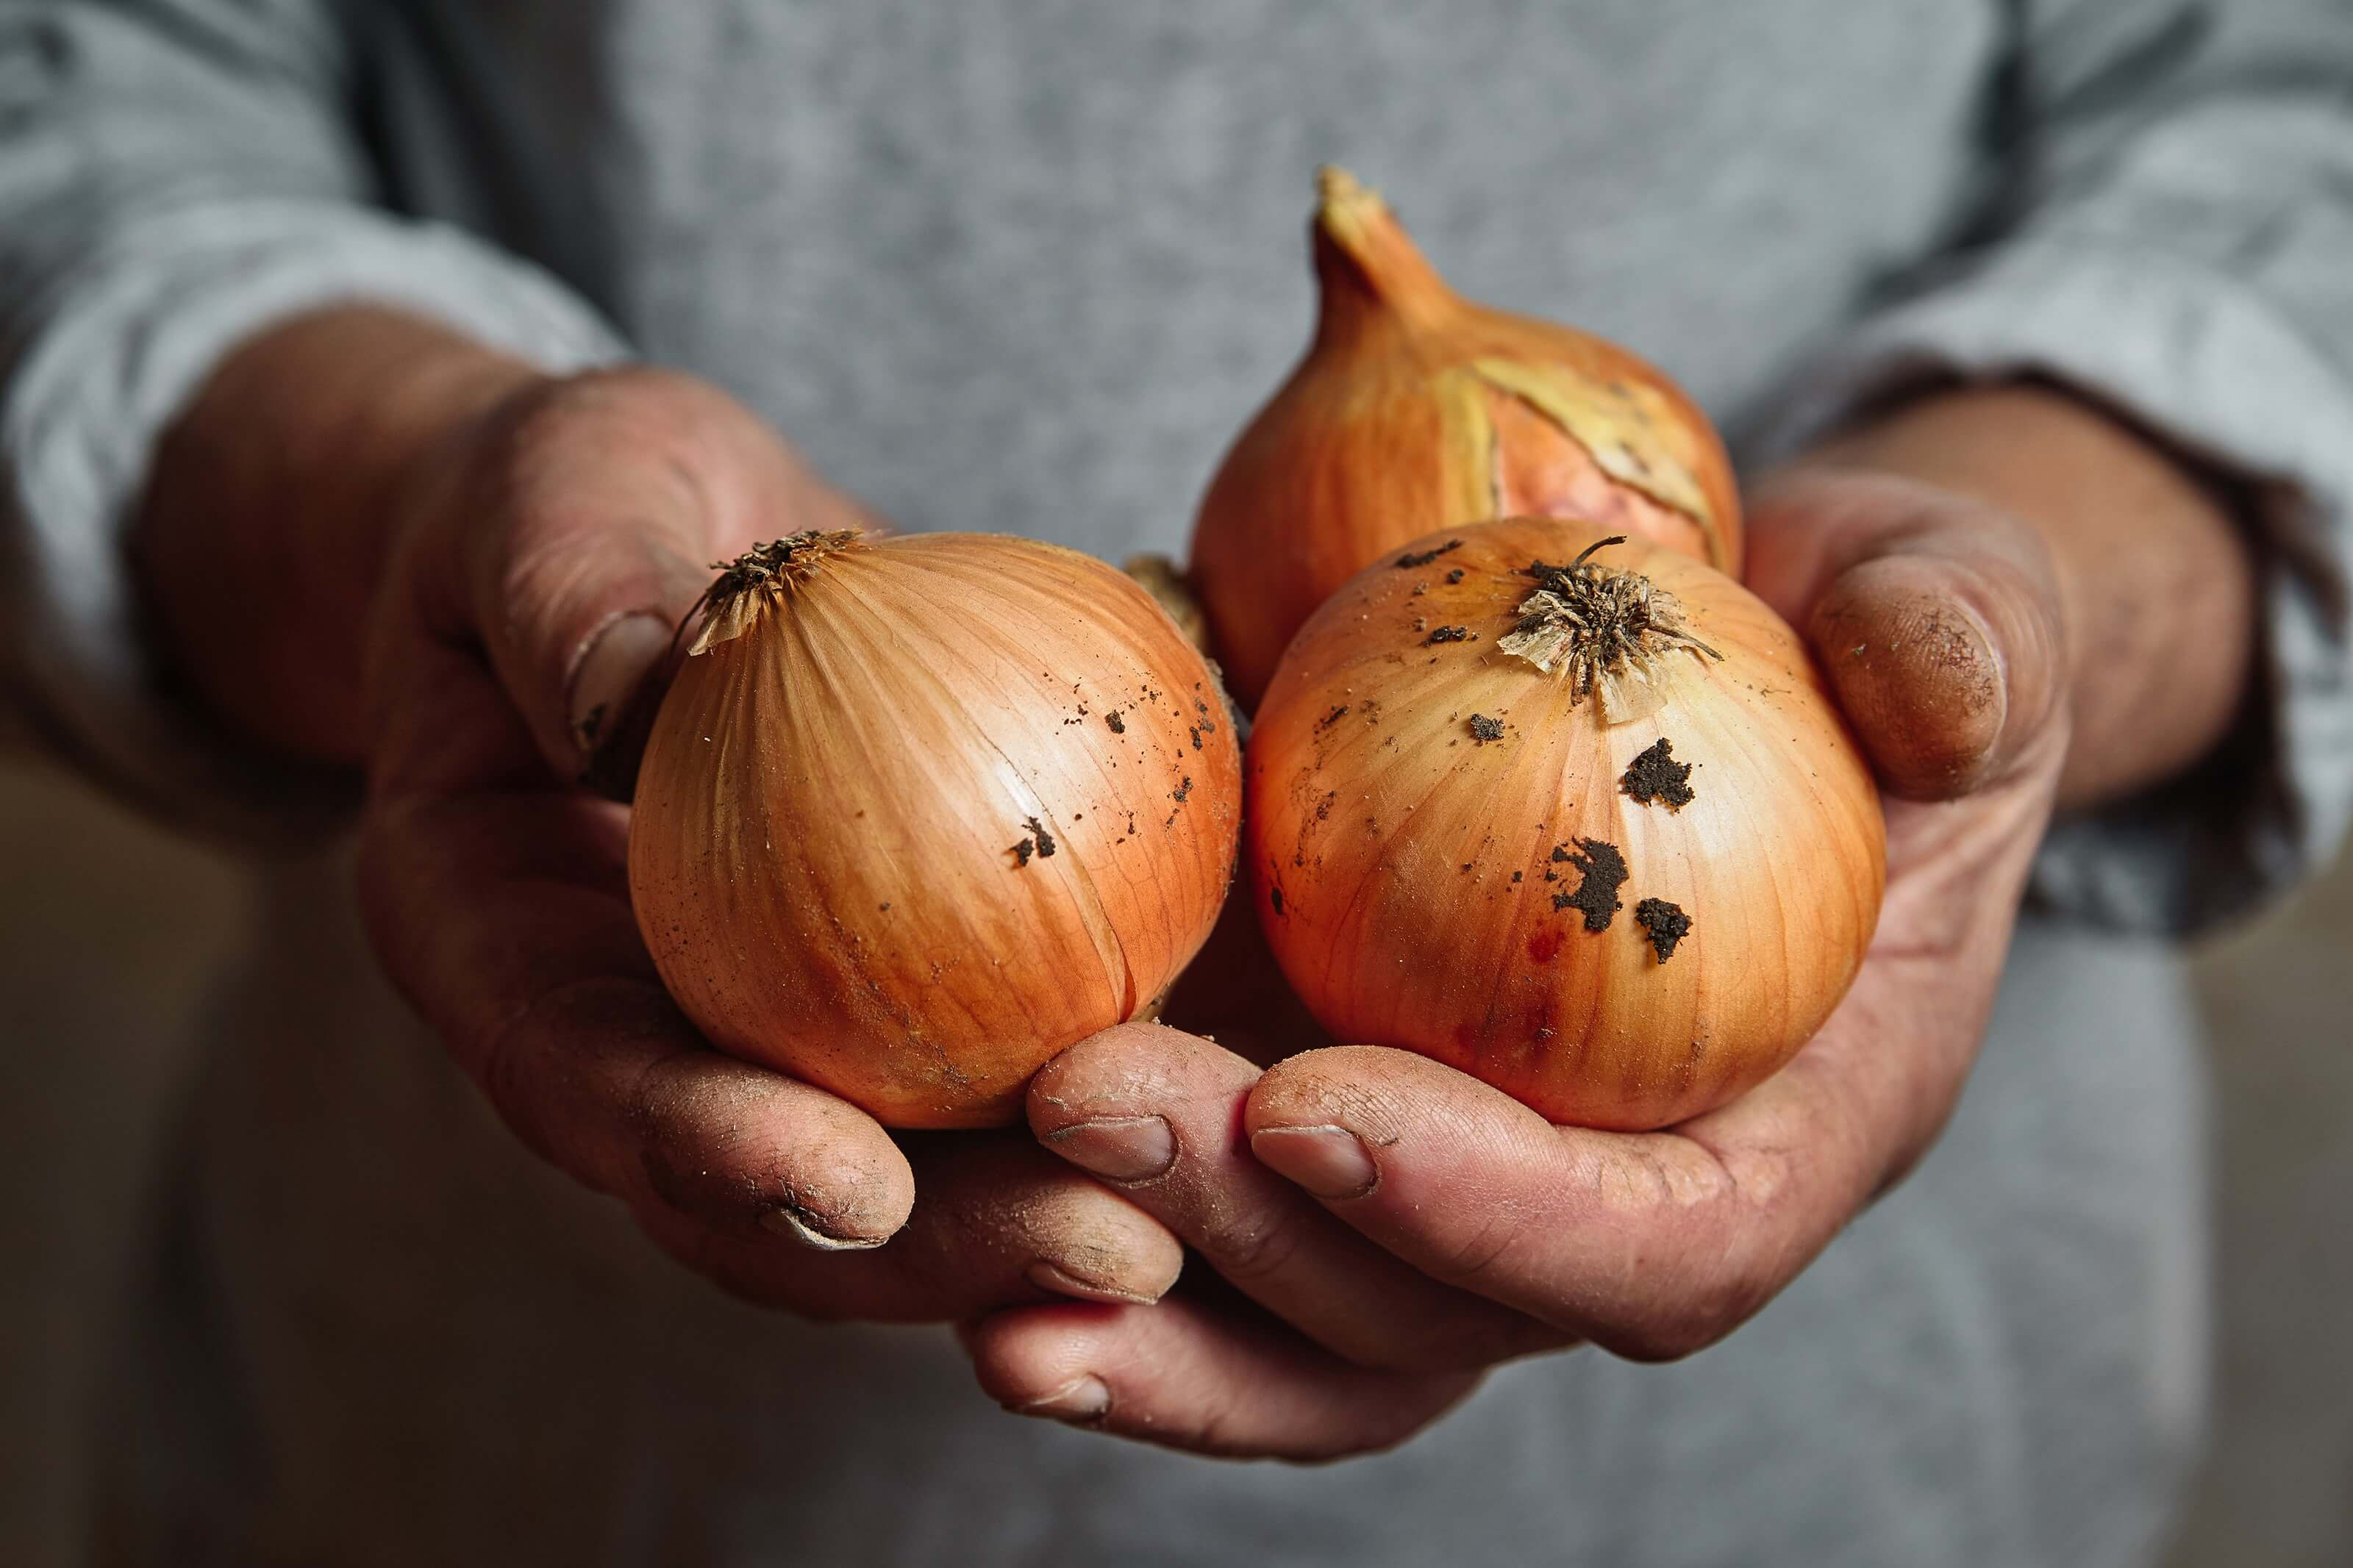 Westhoeve Potatoes uien in handen van boer